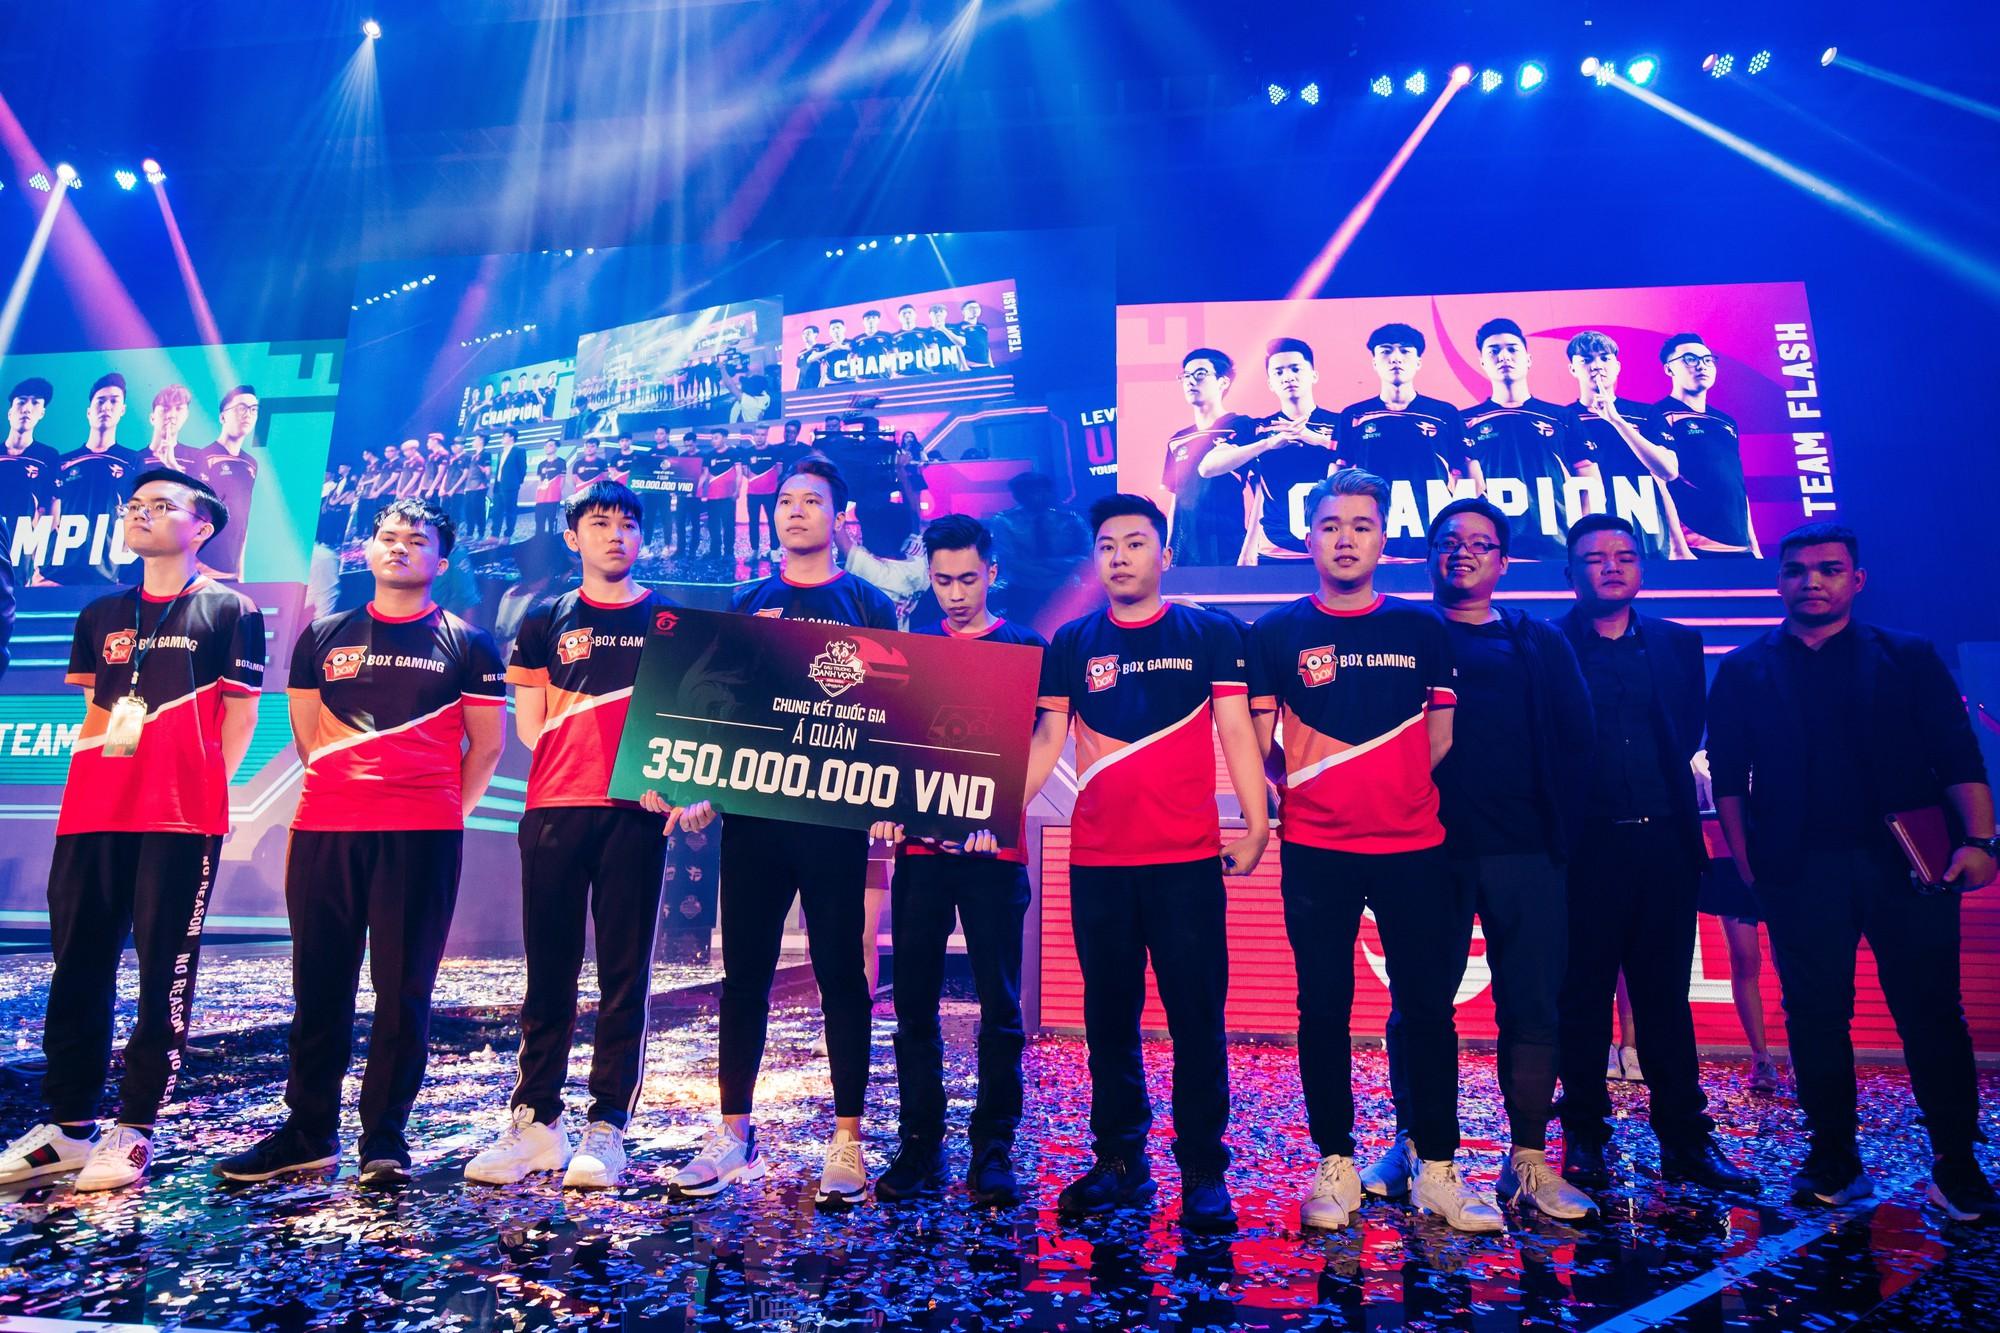 Giải đấu Liên Quân Mobile lớn nhất thế giới tổ chức tại Việt Nam chốt hạ ngày bốc thăm - Ảnh 3.